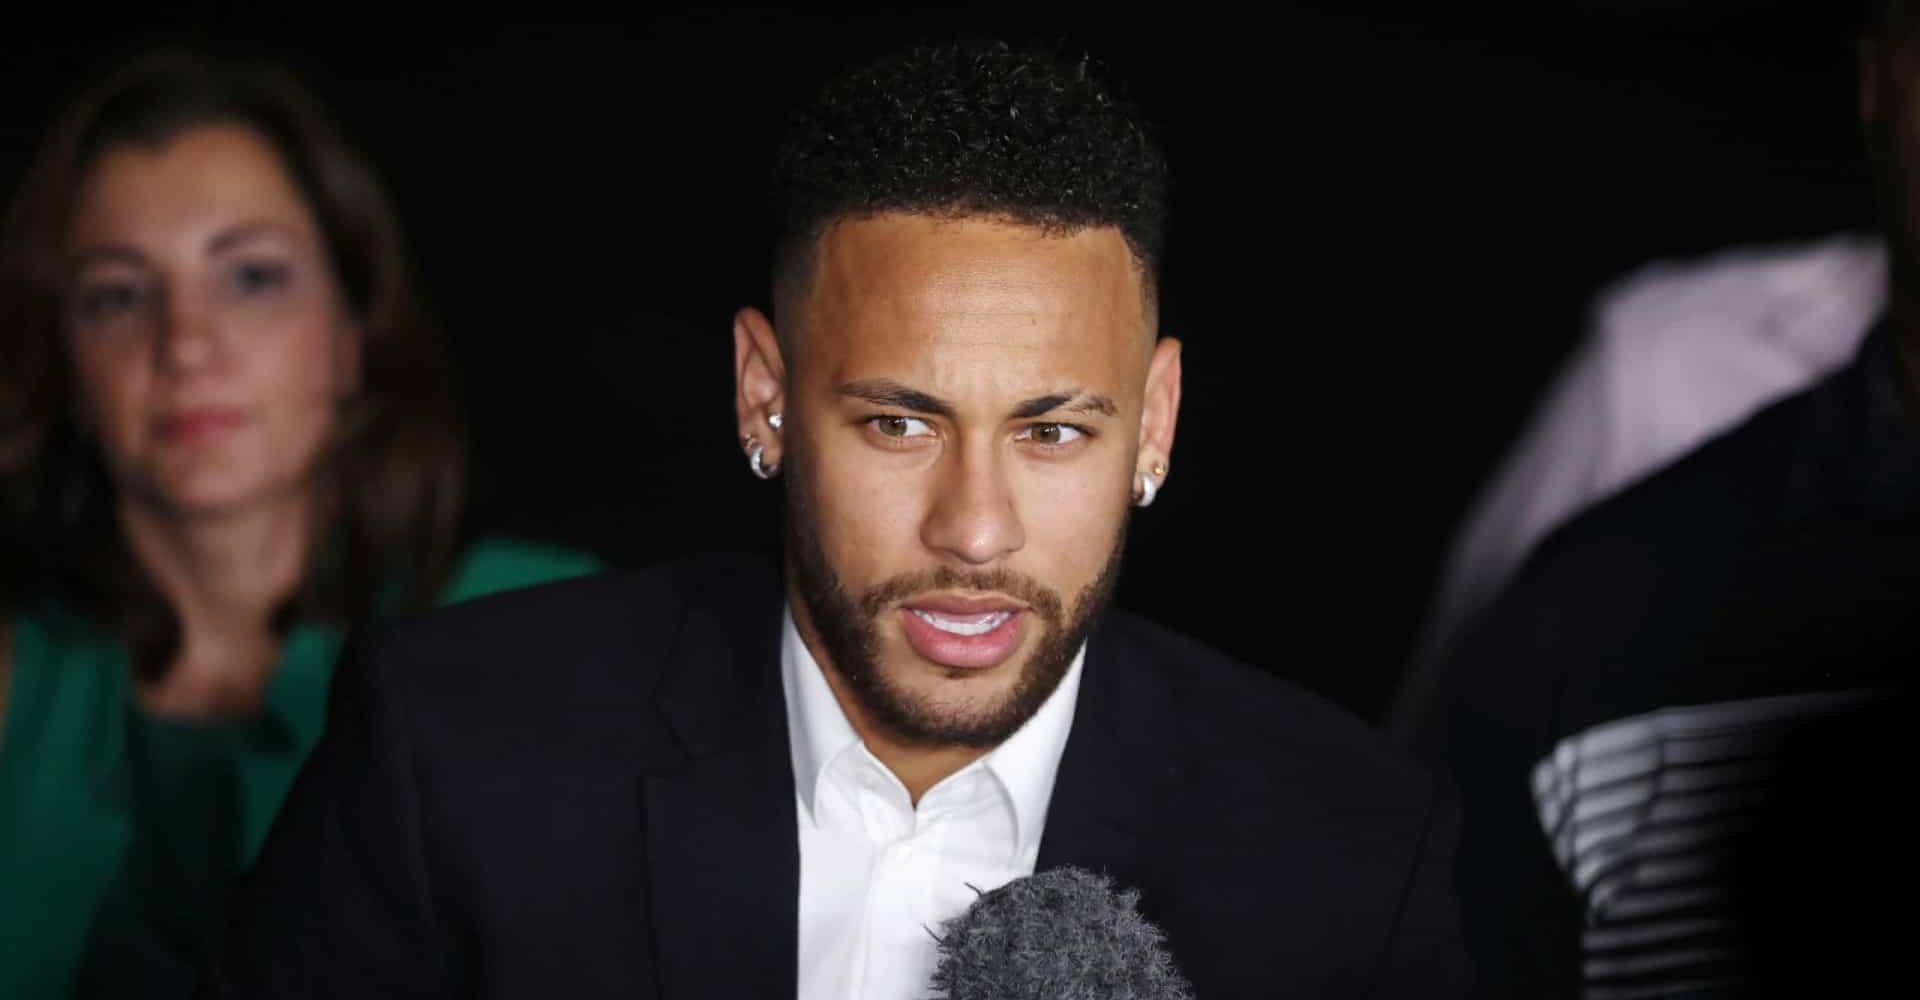 Federação Francesa decide manter punição a Neymar por agredir torcedor